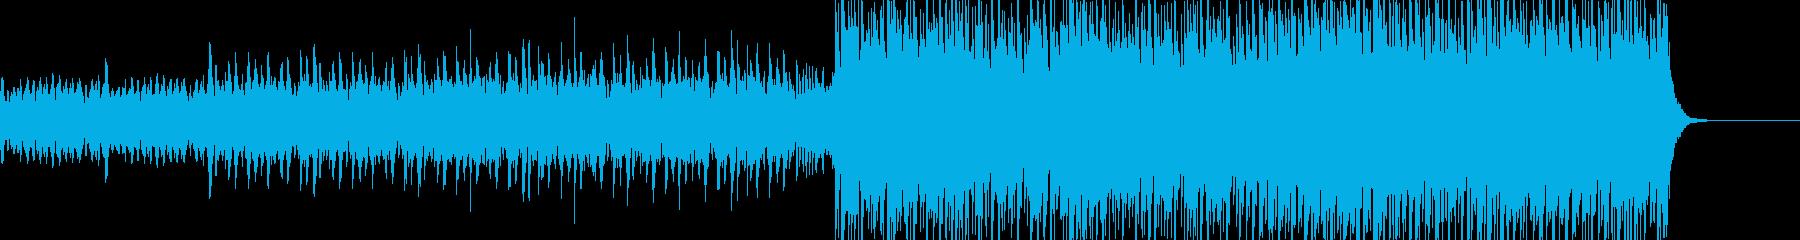 幻想的なジャングルのアフリカ音楽の再生済みの波形